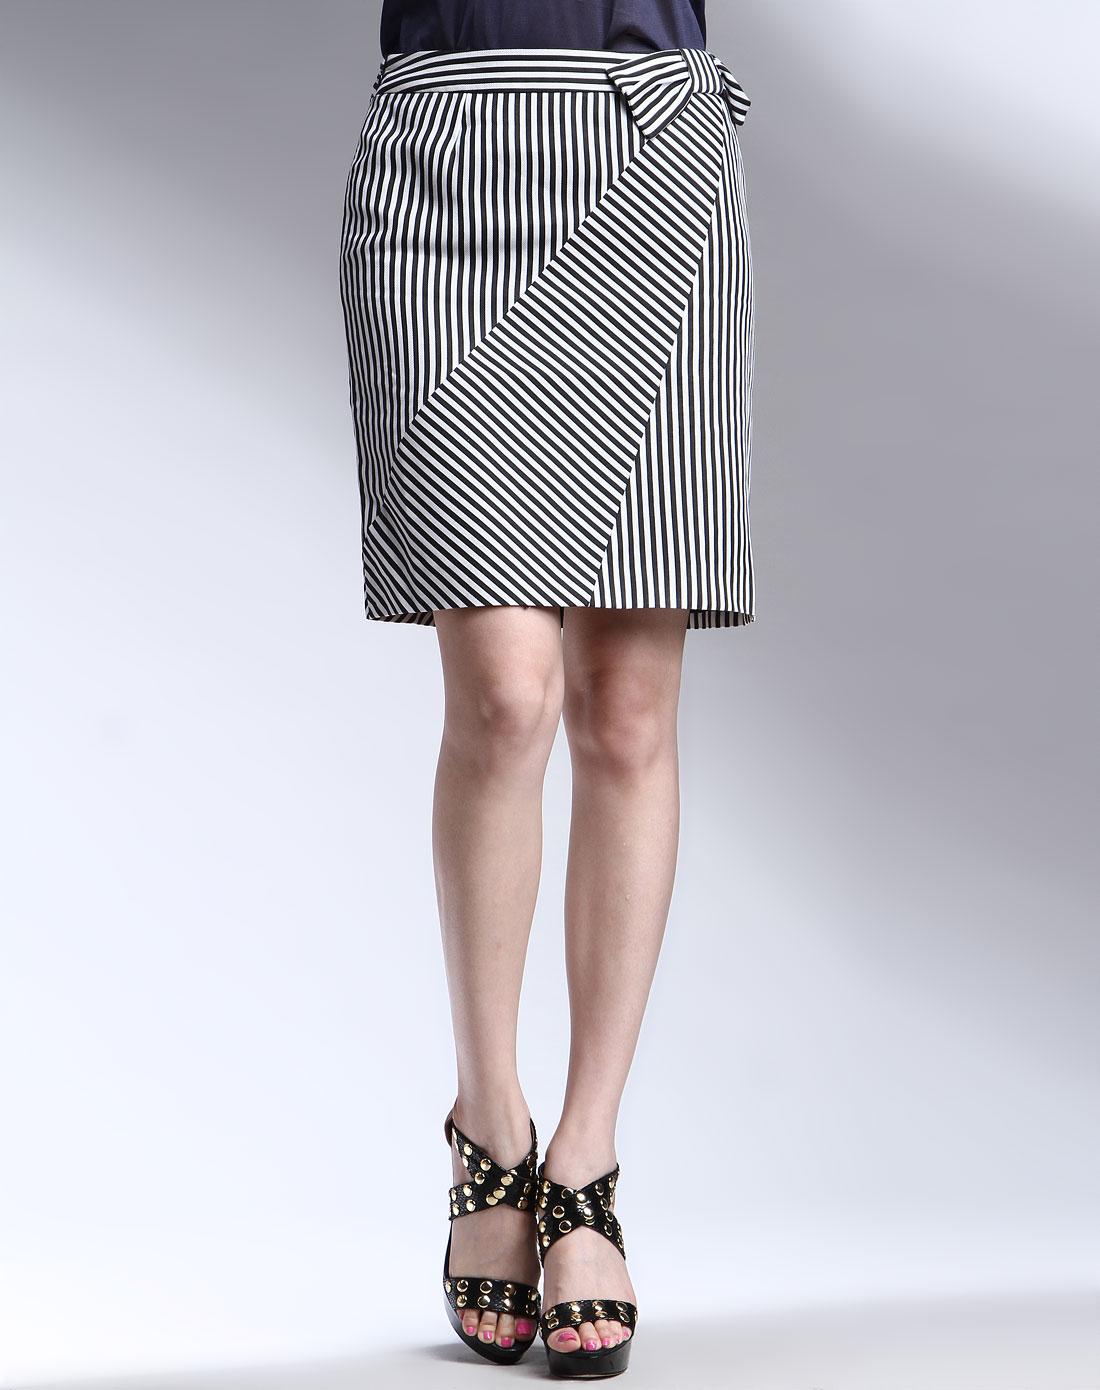 黑白色条纹时尚短裙